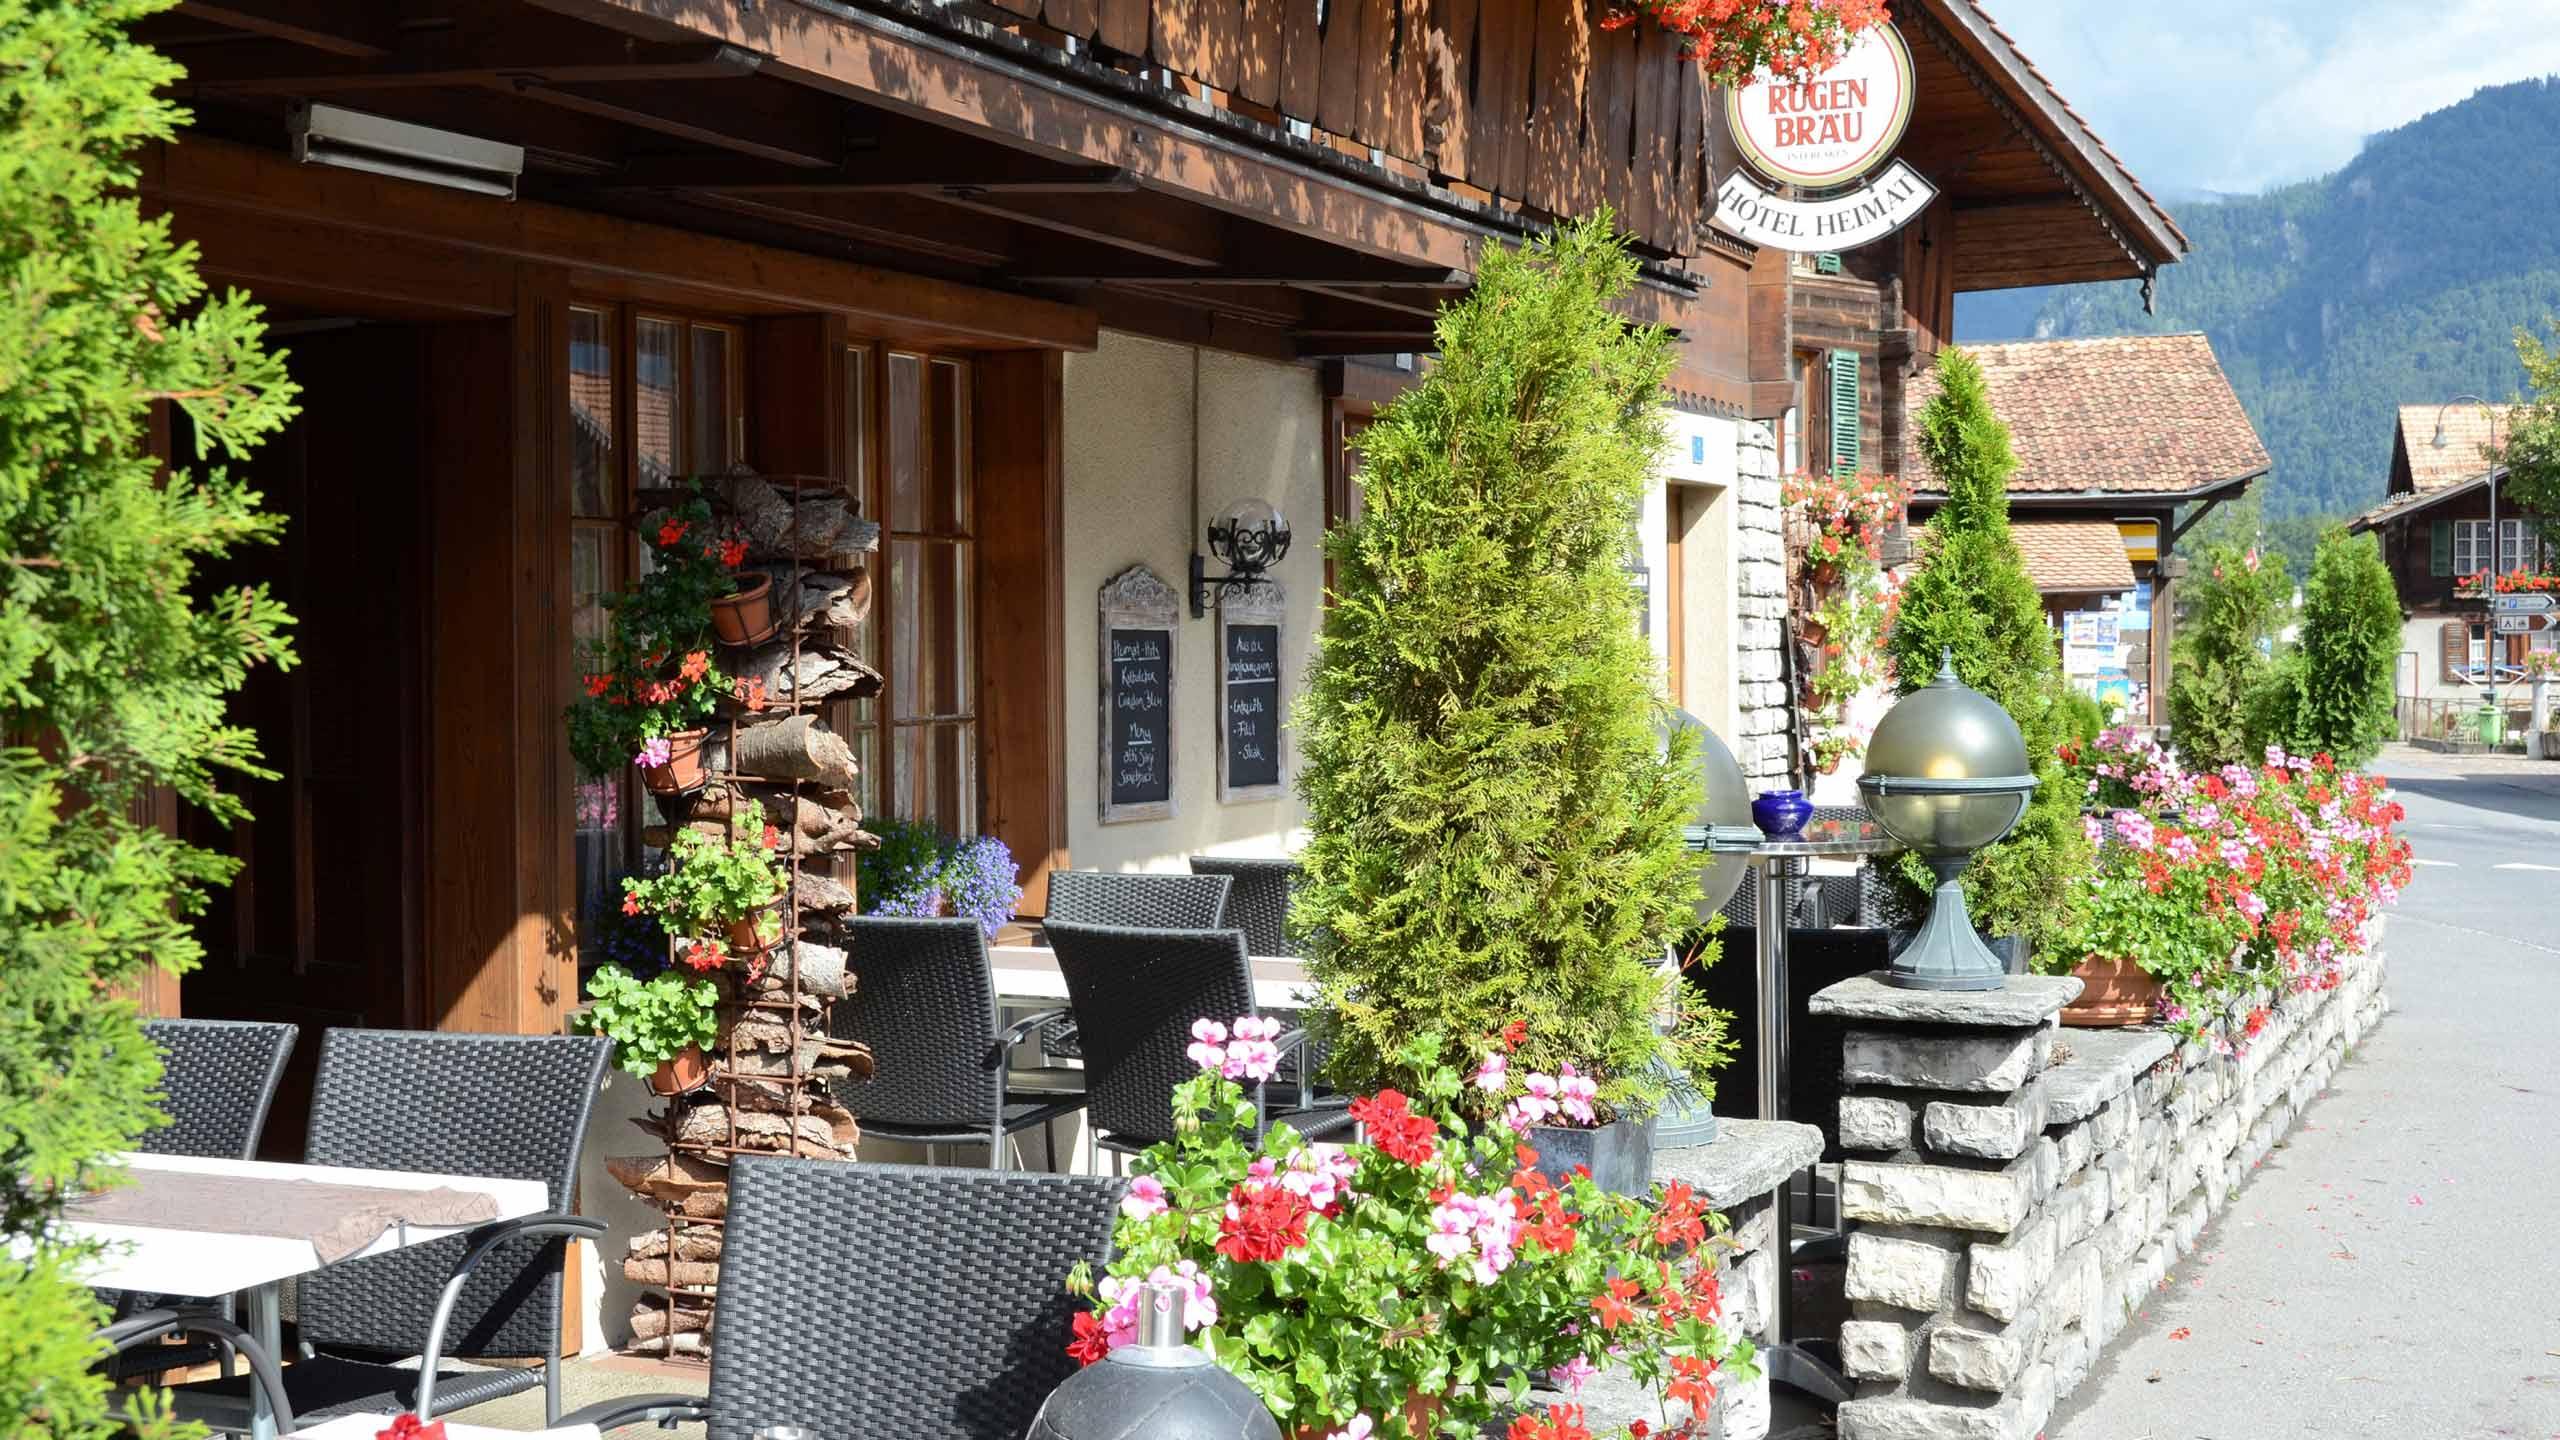 chalet-hotel-heimat-terrasse-strassenseite-eingang.jpg